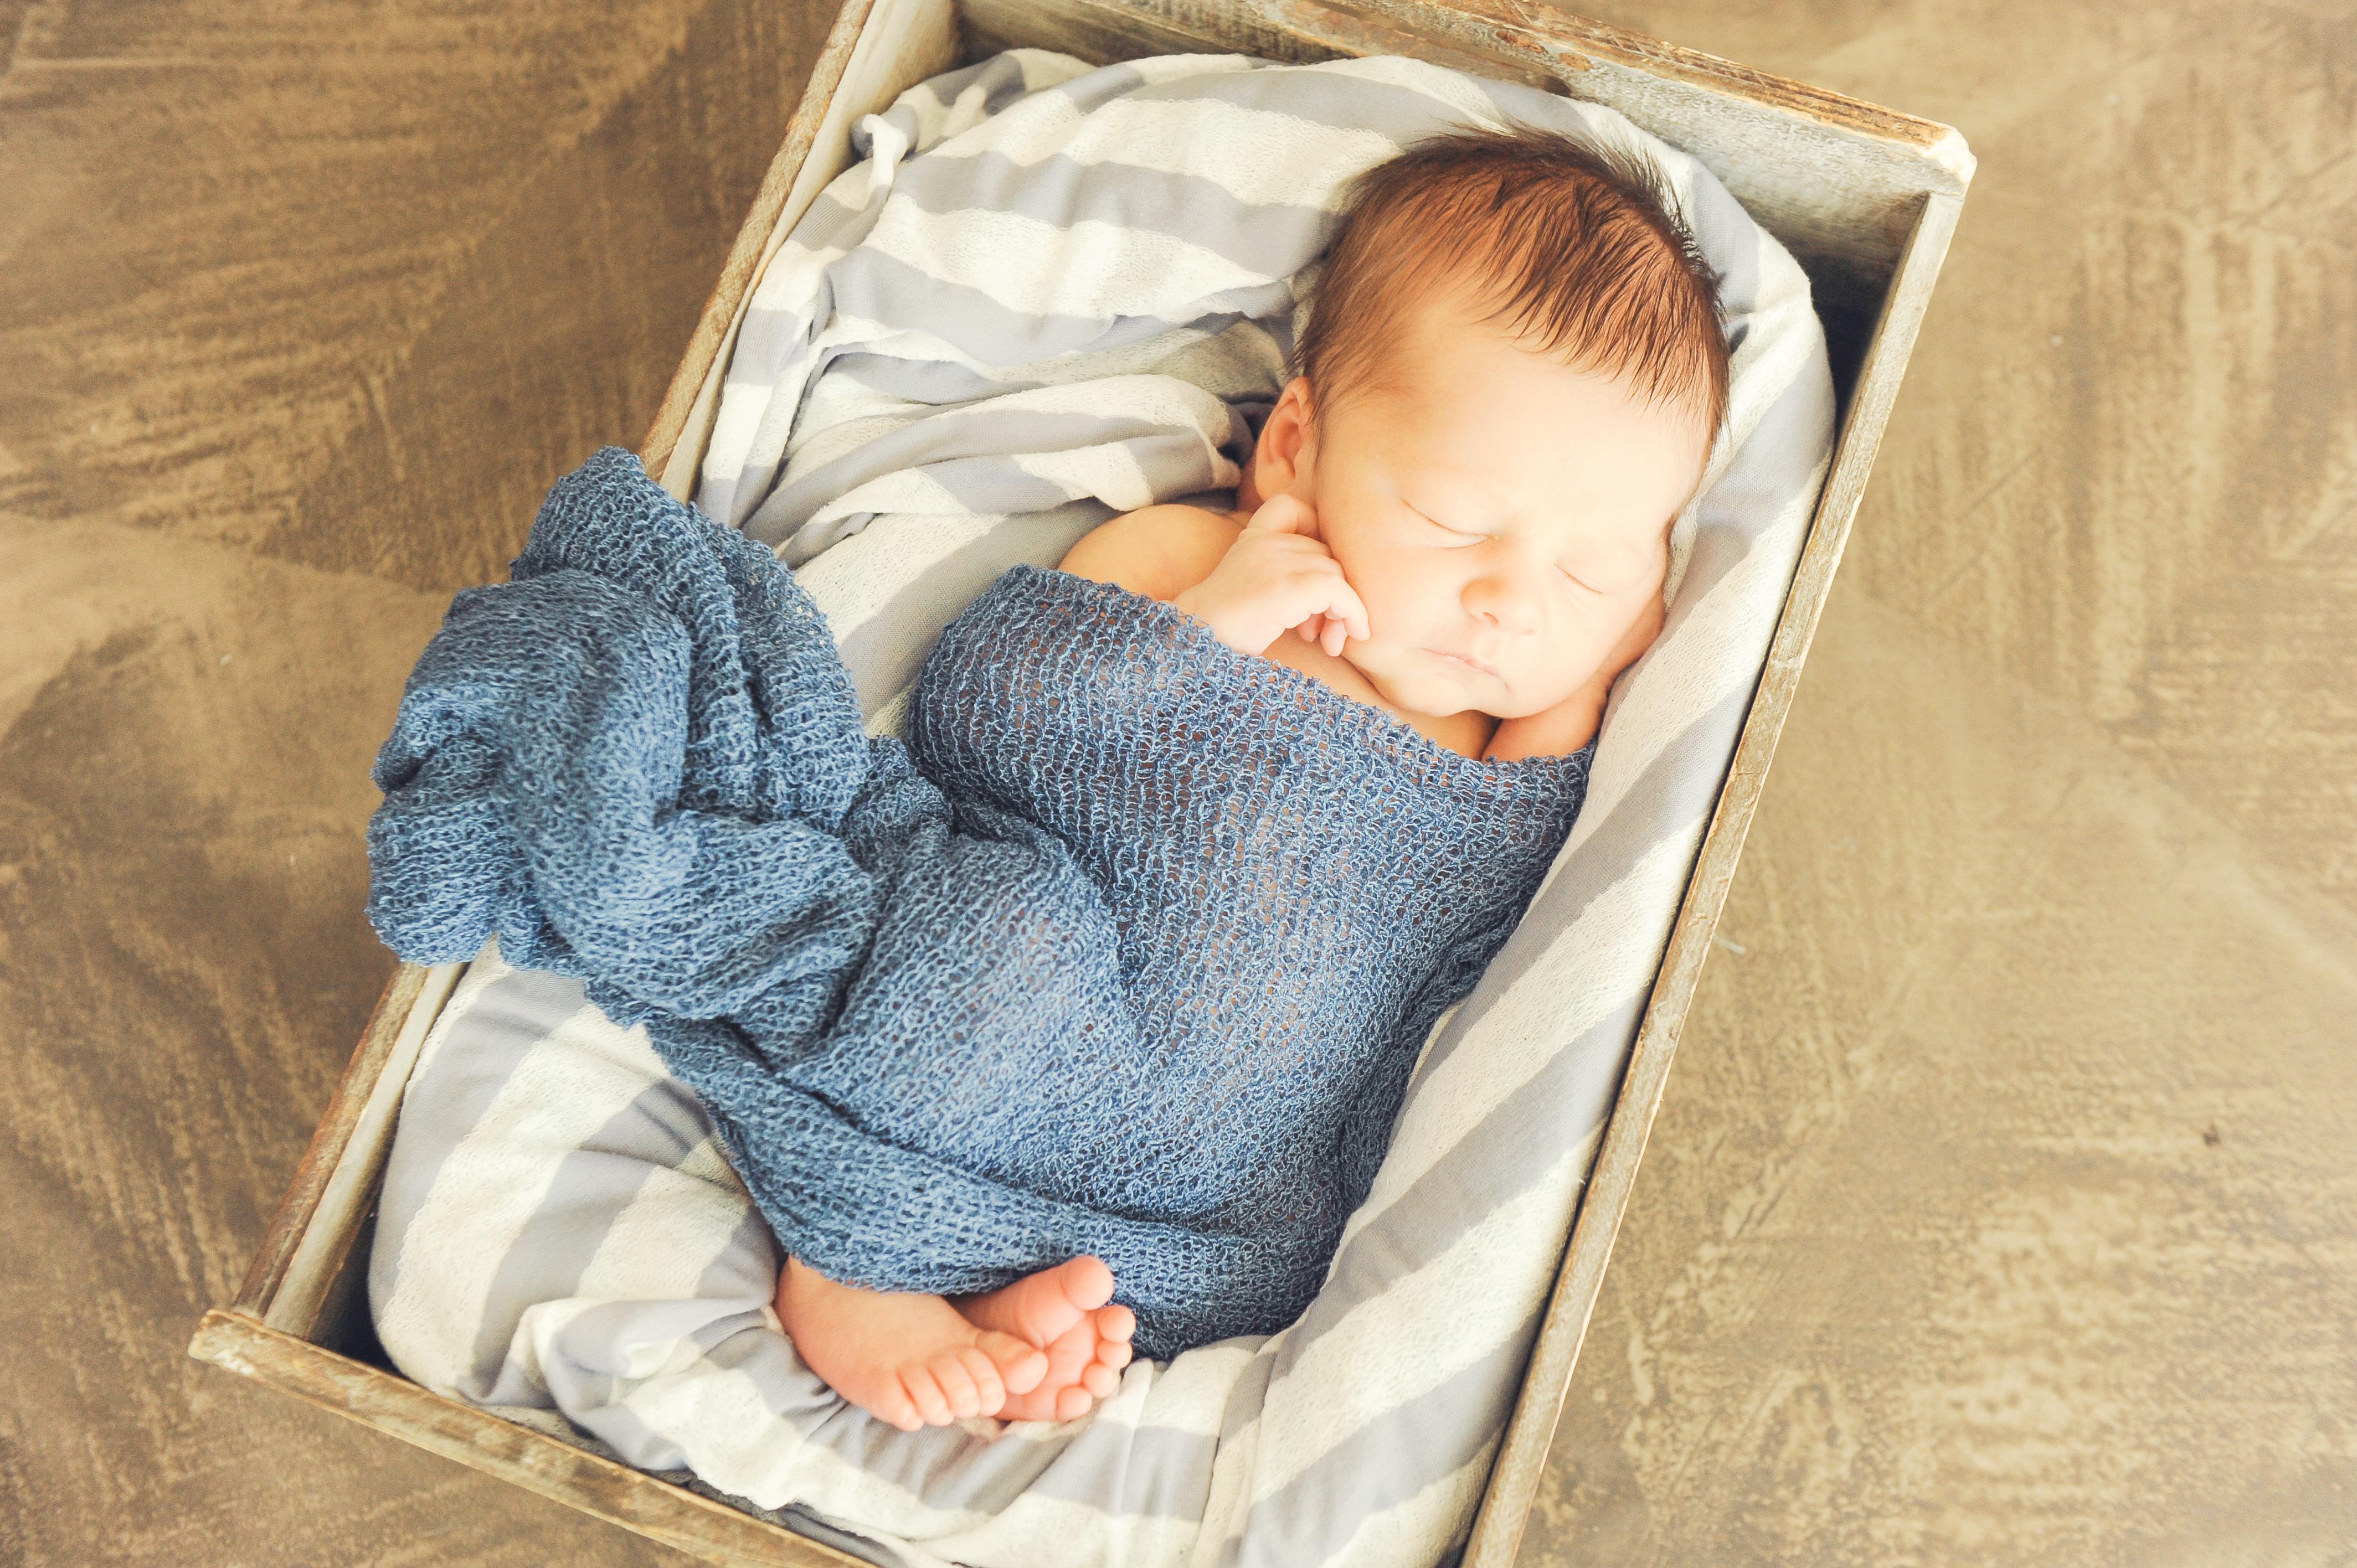 Nautical Newborn Photo Shoot Best Newborn Baby